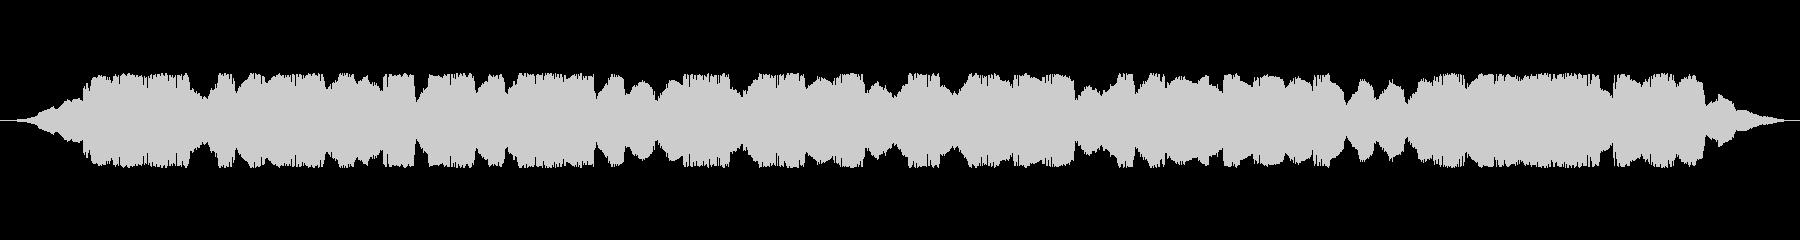 ビンテージトーンコンピューターデー...の未再生の波形